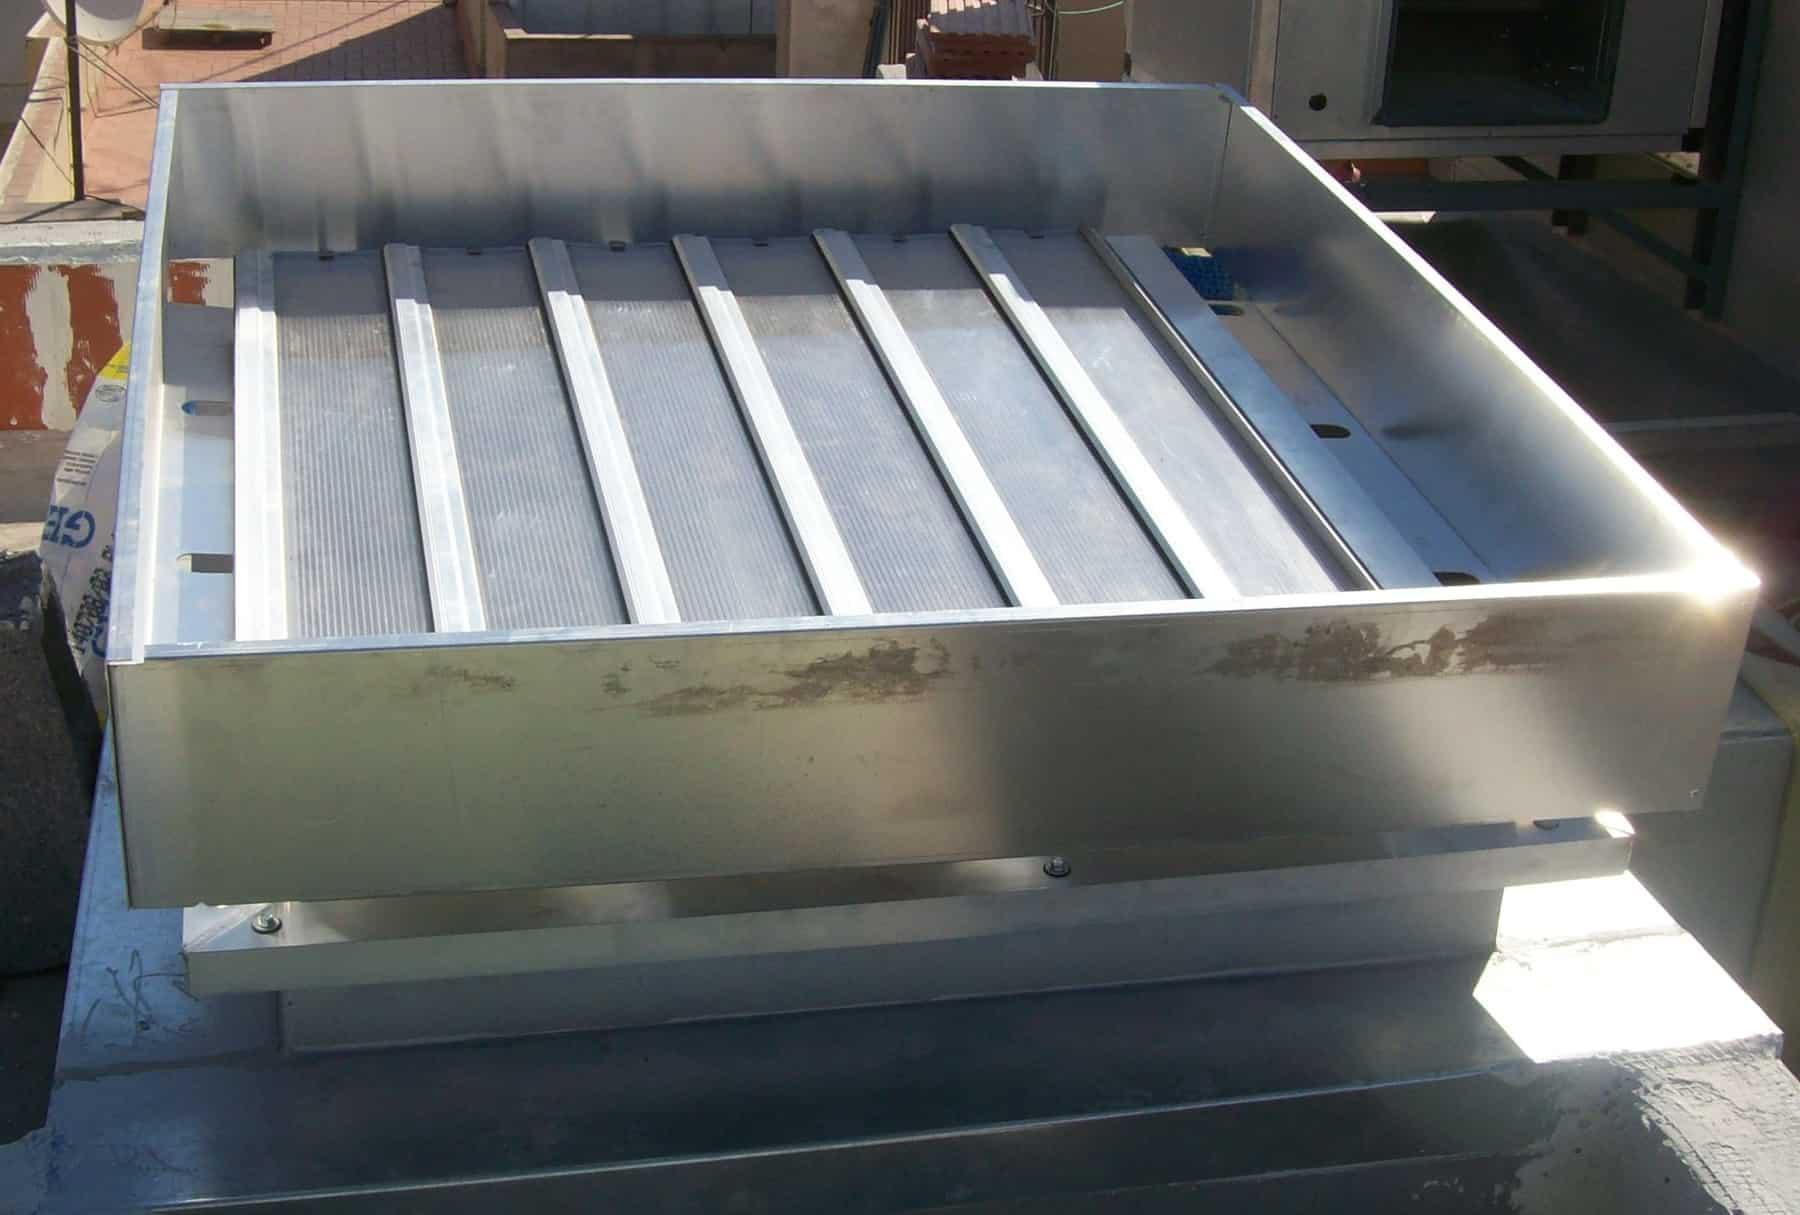 Exutorios de lamas o rejillas sistemas no adecuados para las cubiertas blog de prefire - Rejillas de ventilacion para banos ...